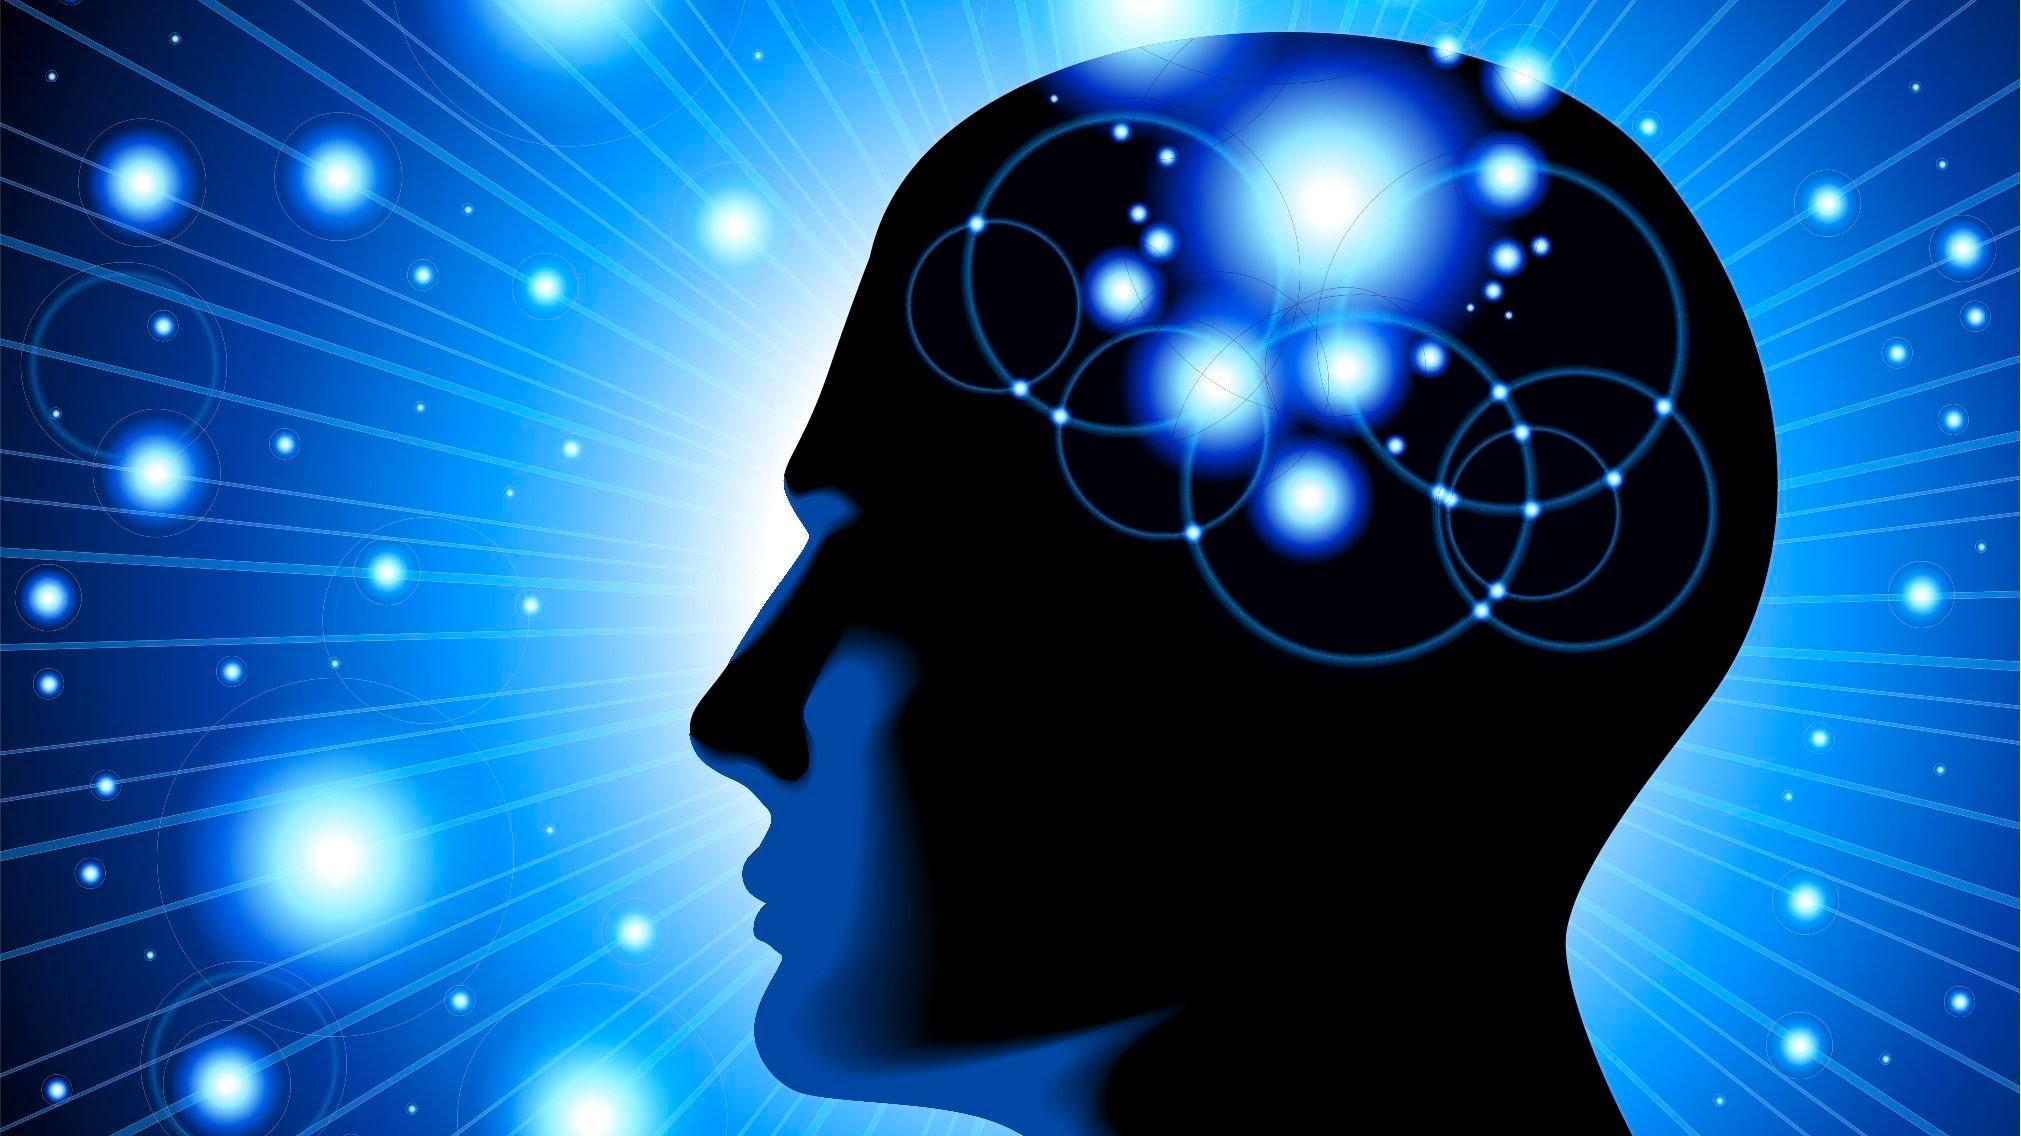 Картинка на тему психология